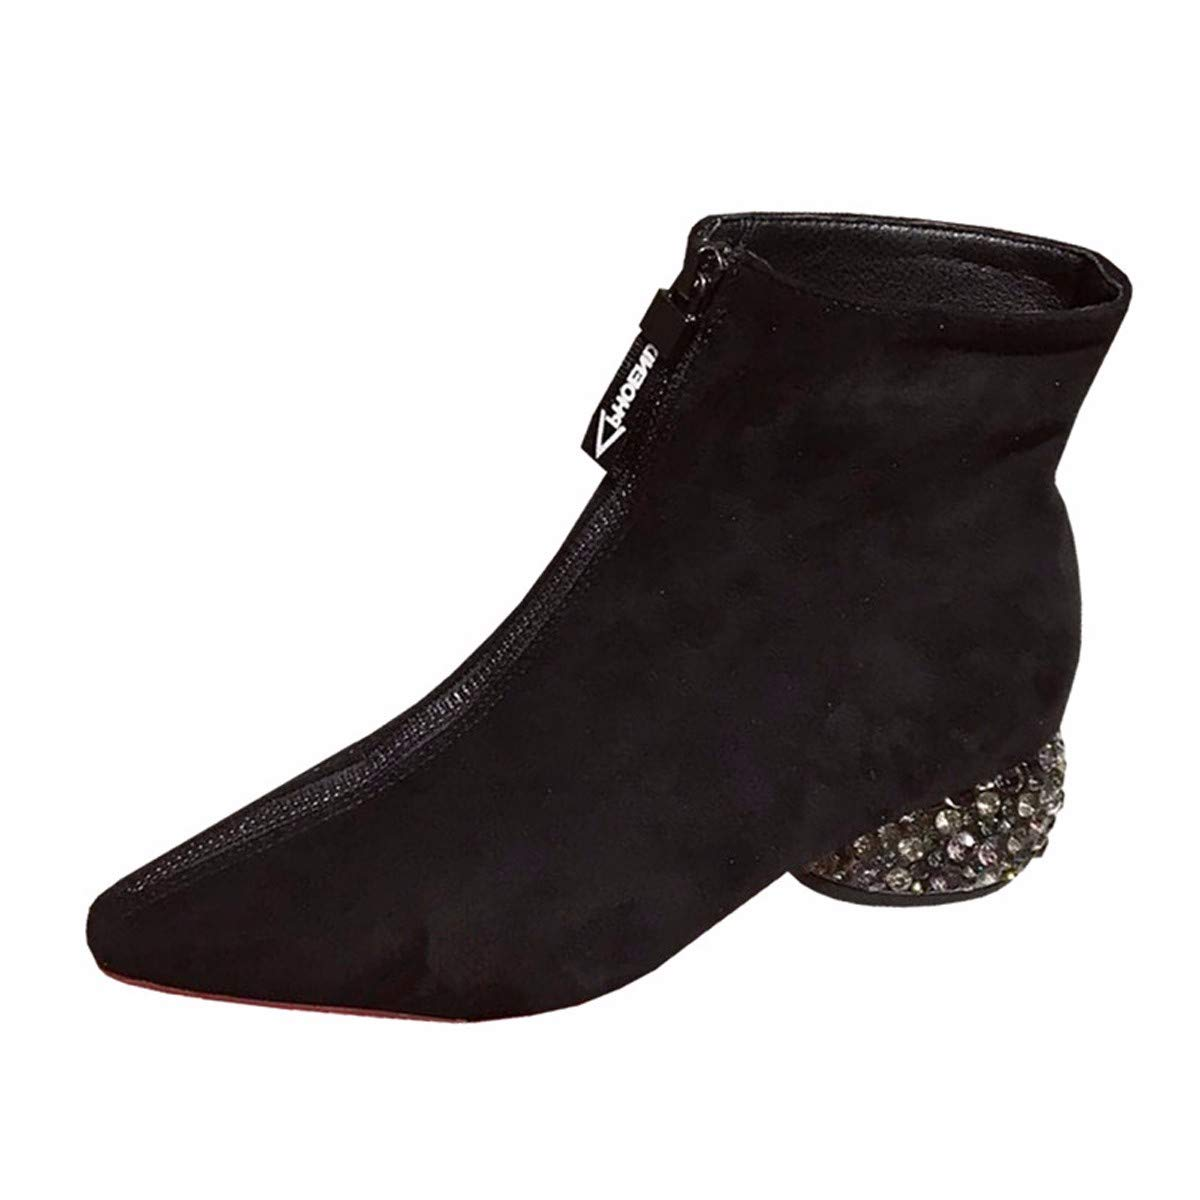 LBTSQ Fashion Damenschuhe Wasser Bohren Dicke Sohle Heel 4Cm Mode - Stiefel Reißverschlüsse Sagte Ferse Mitte Kurze Stiefel